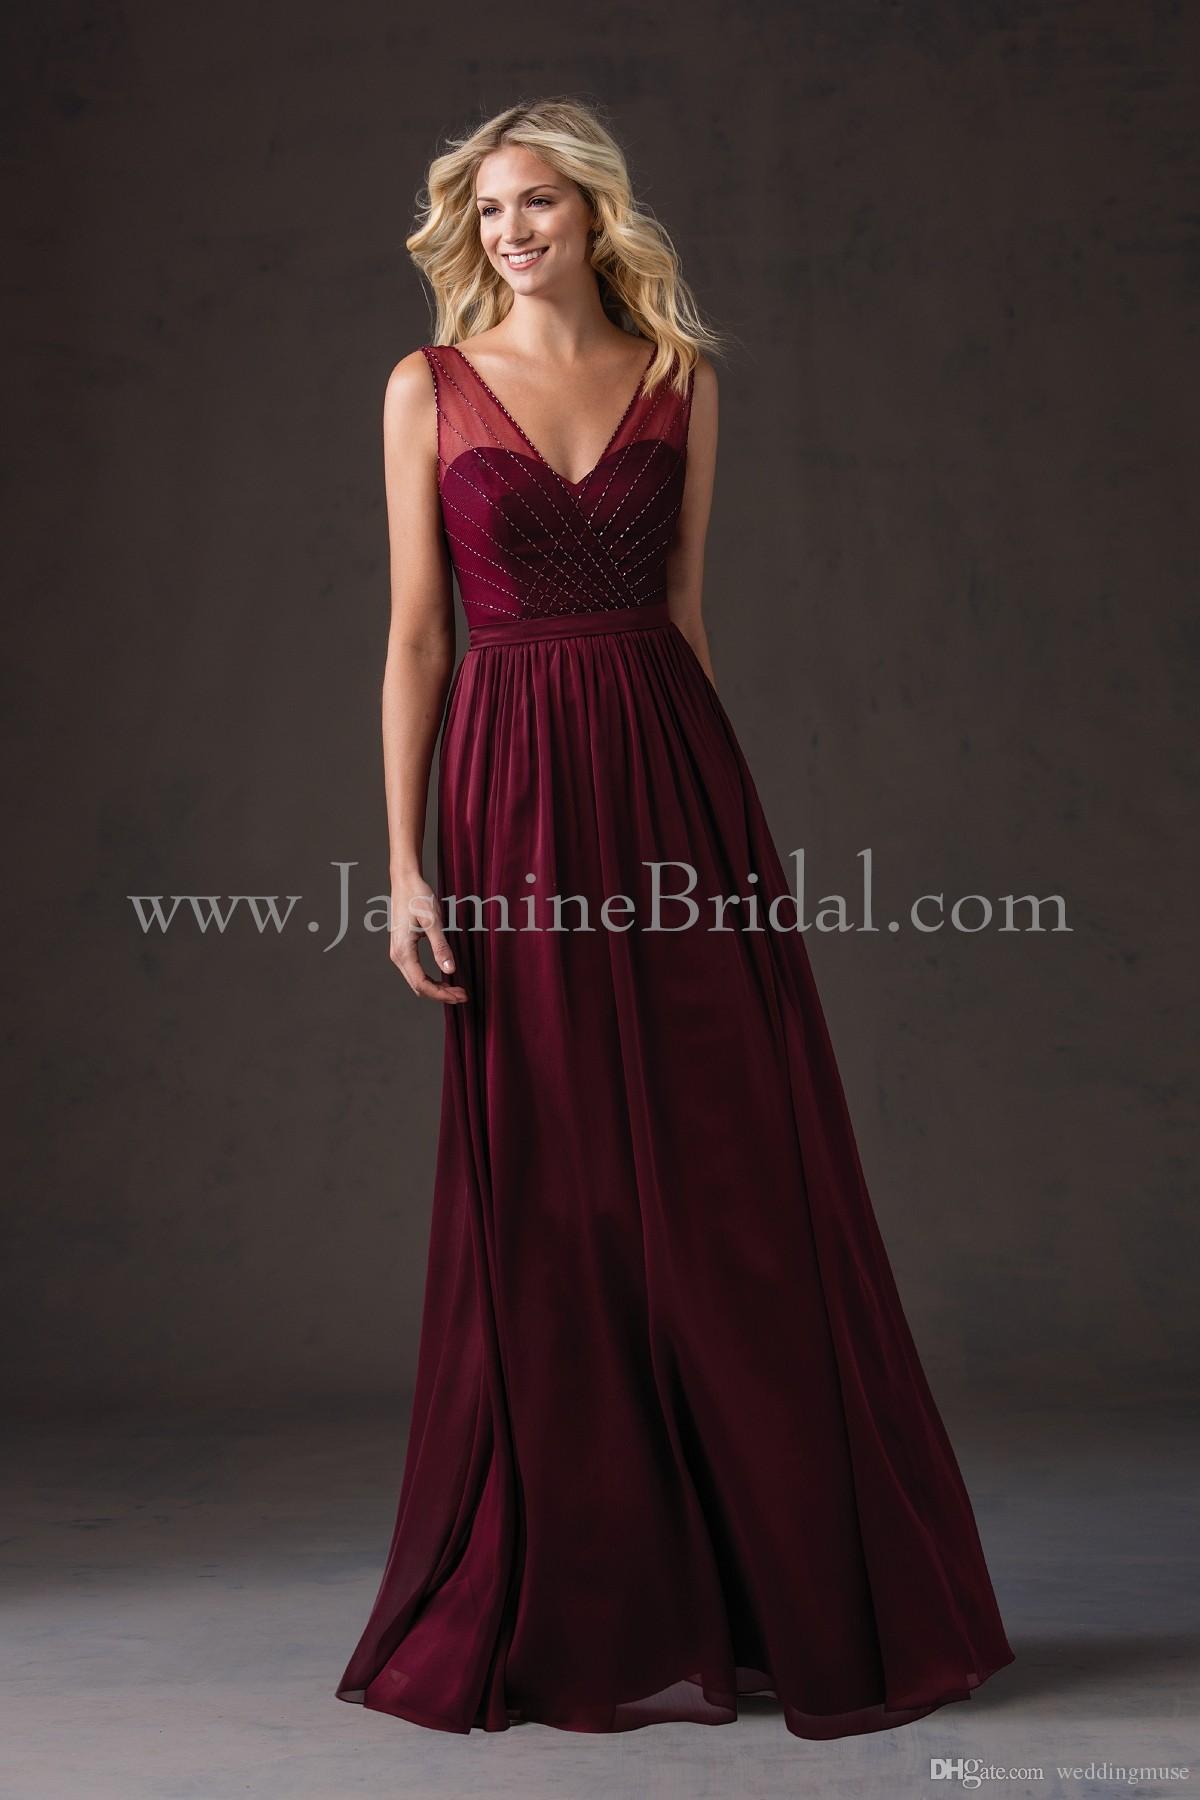 ホット2021ブルゴーニュの花嫁介添人ドレスVネックノースリーブトップ床長さの長ジュニアブライドメイドドレスにビーズ